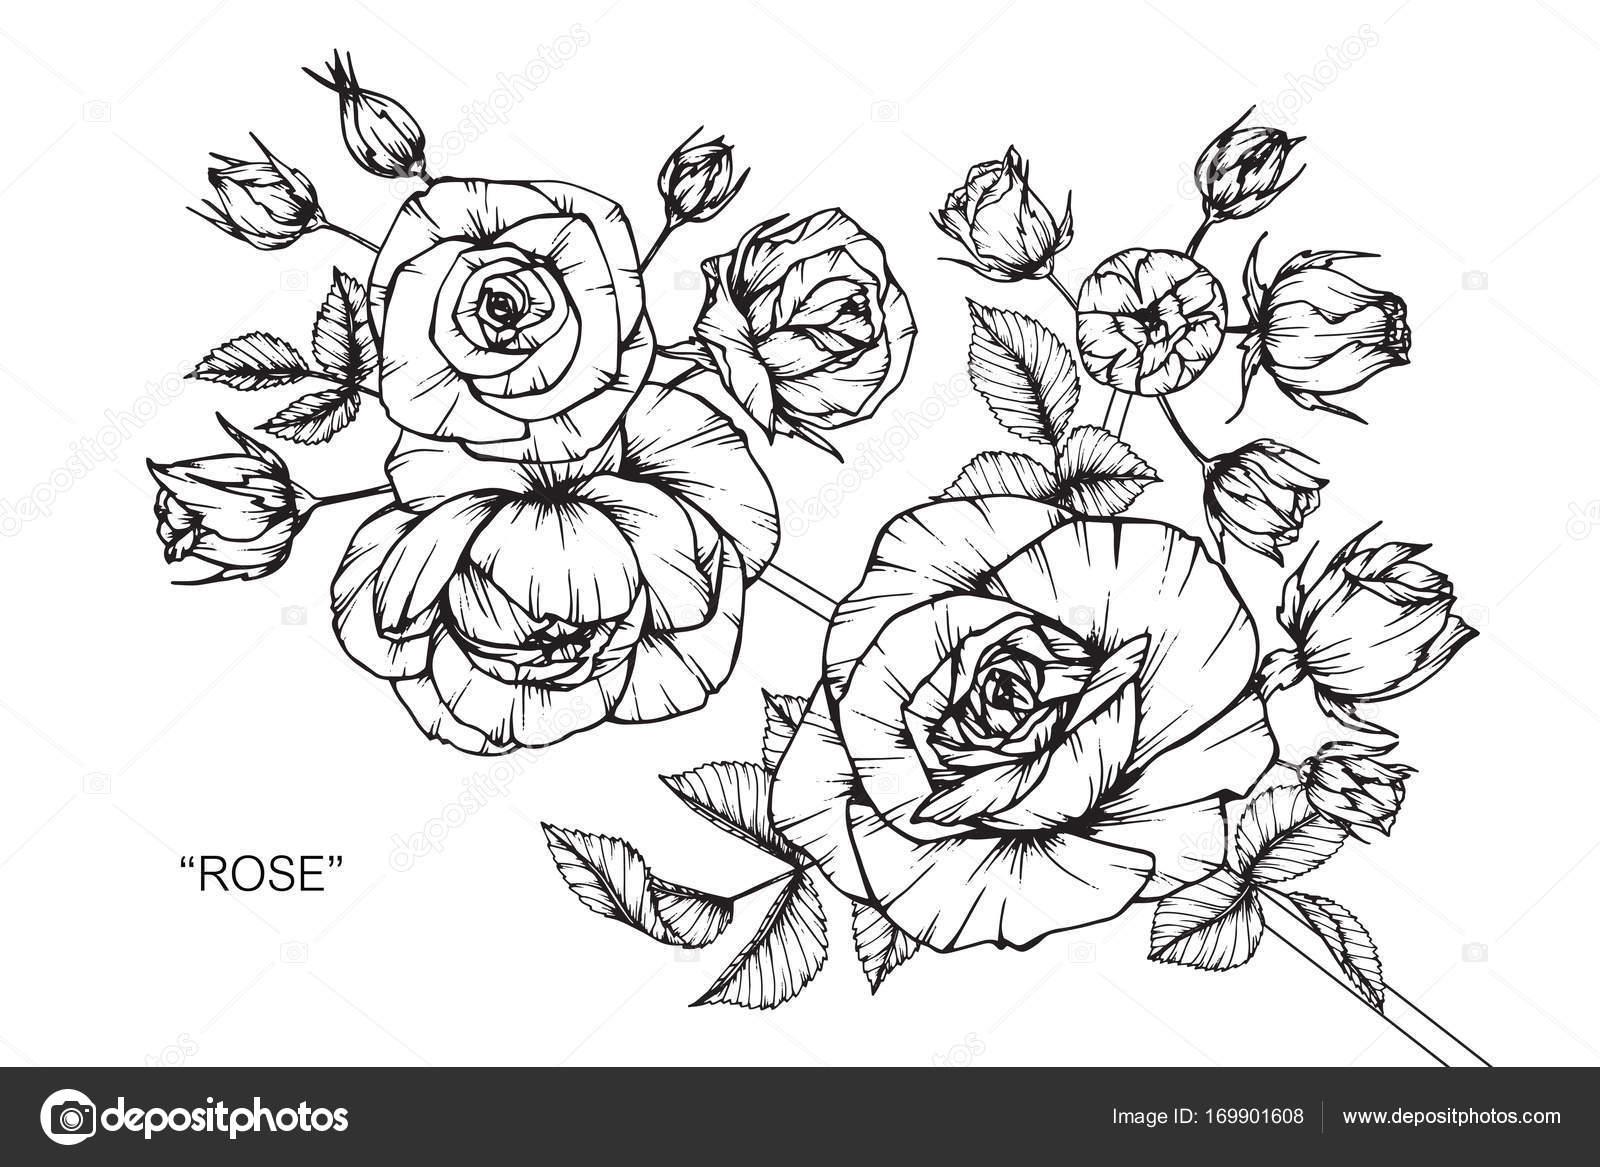 Flor Rosas Dibujo Dibujo Con Línea Blanco Negro Arte